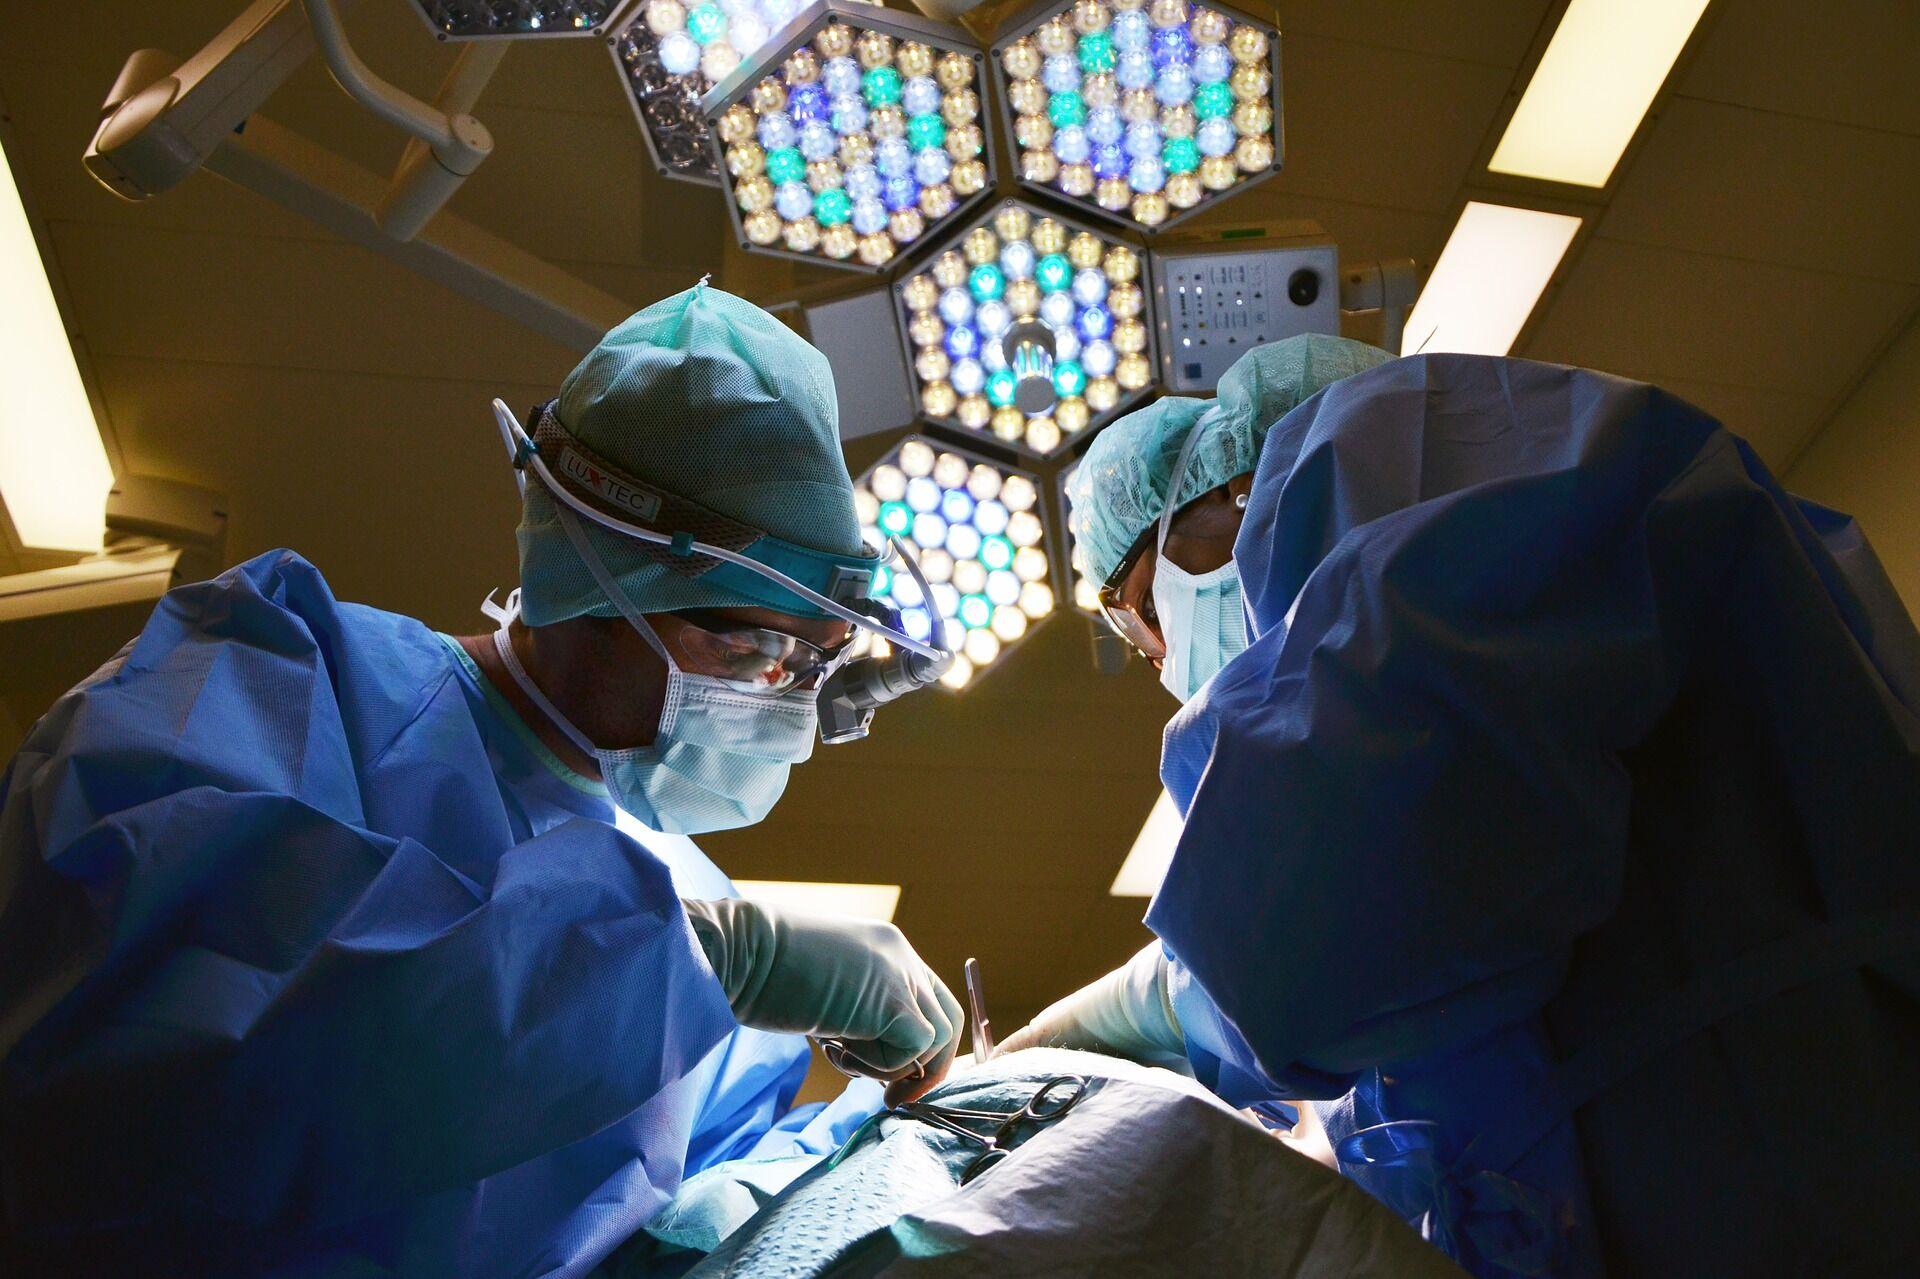 Лікарські палати є одним із найнебезпечніших місць, де шанси заразитися зростають у рази